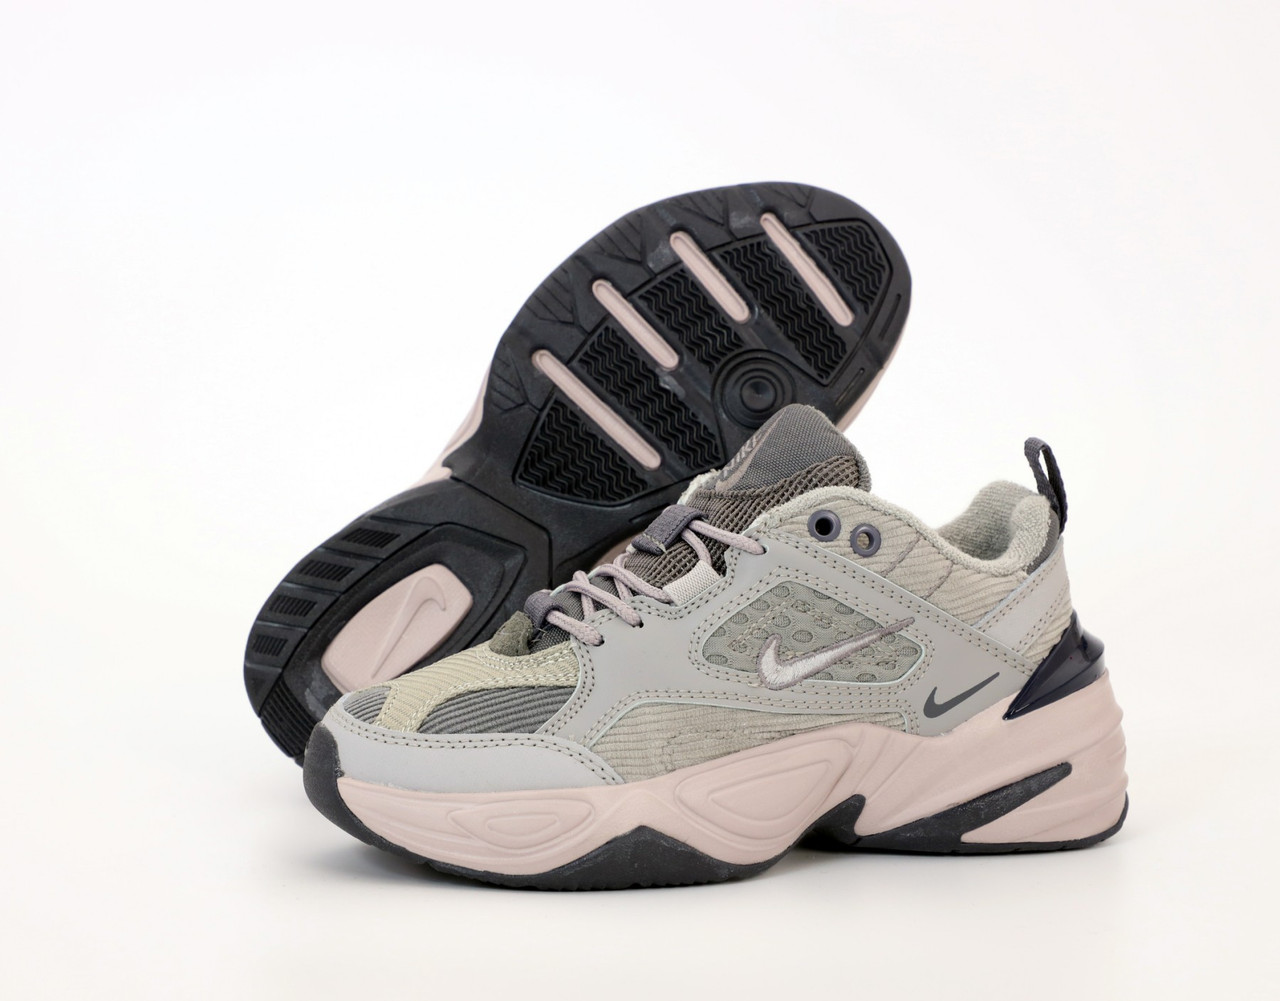 Жіночі кросівки Nike M2K Tekno. Grey. ТОП репліка ААА класу.